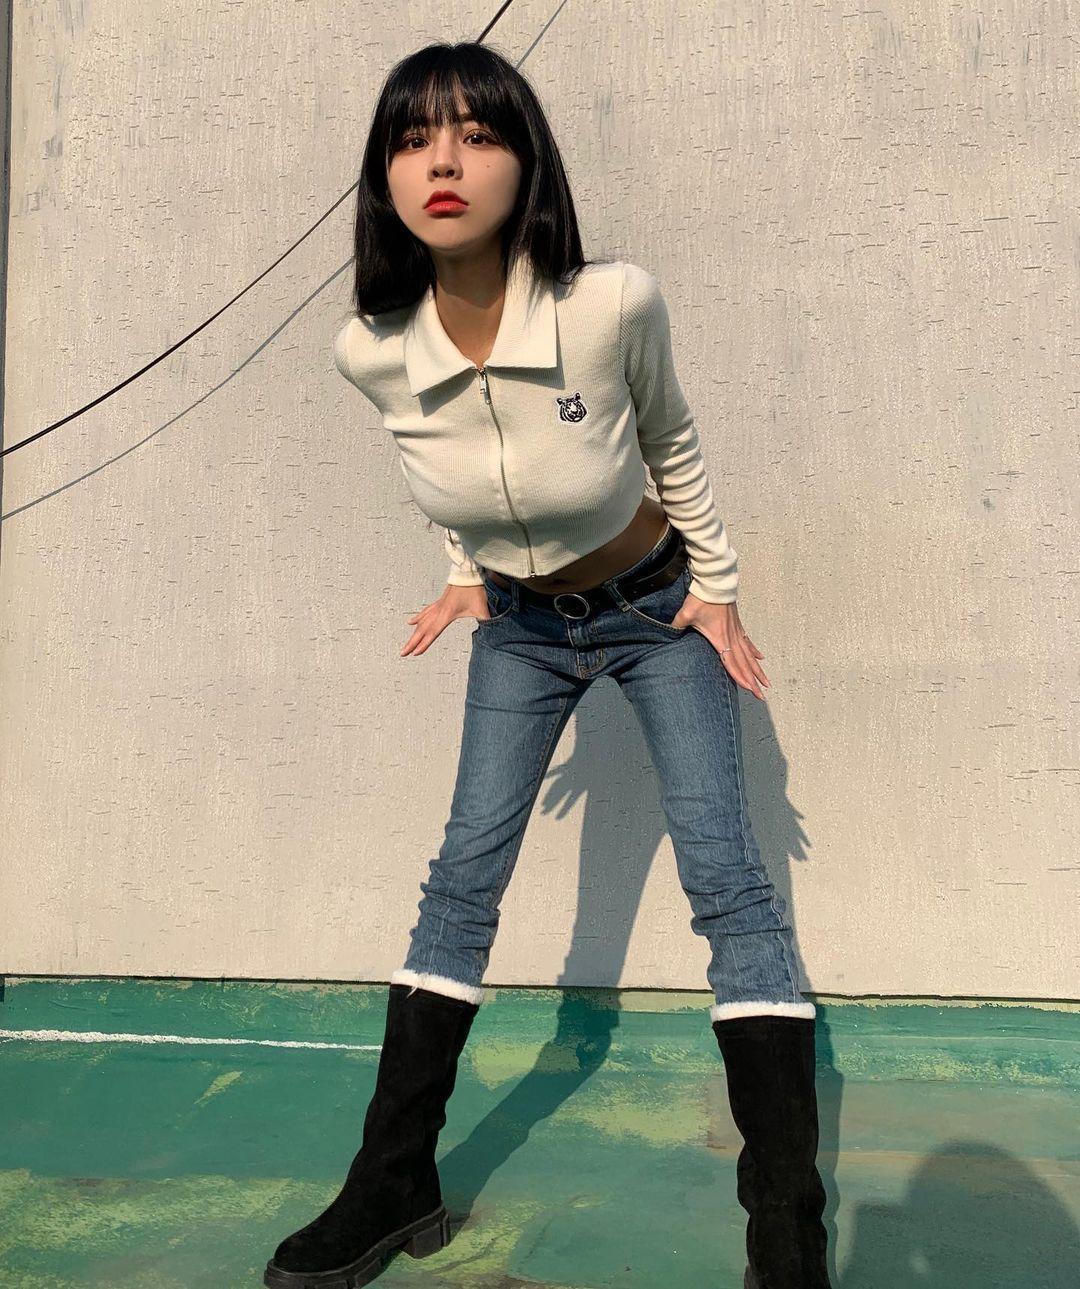 路边发现水蛇腰辣妹HA_YOUNG,完美身材超迷人!-新图包